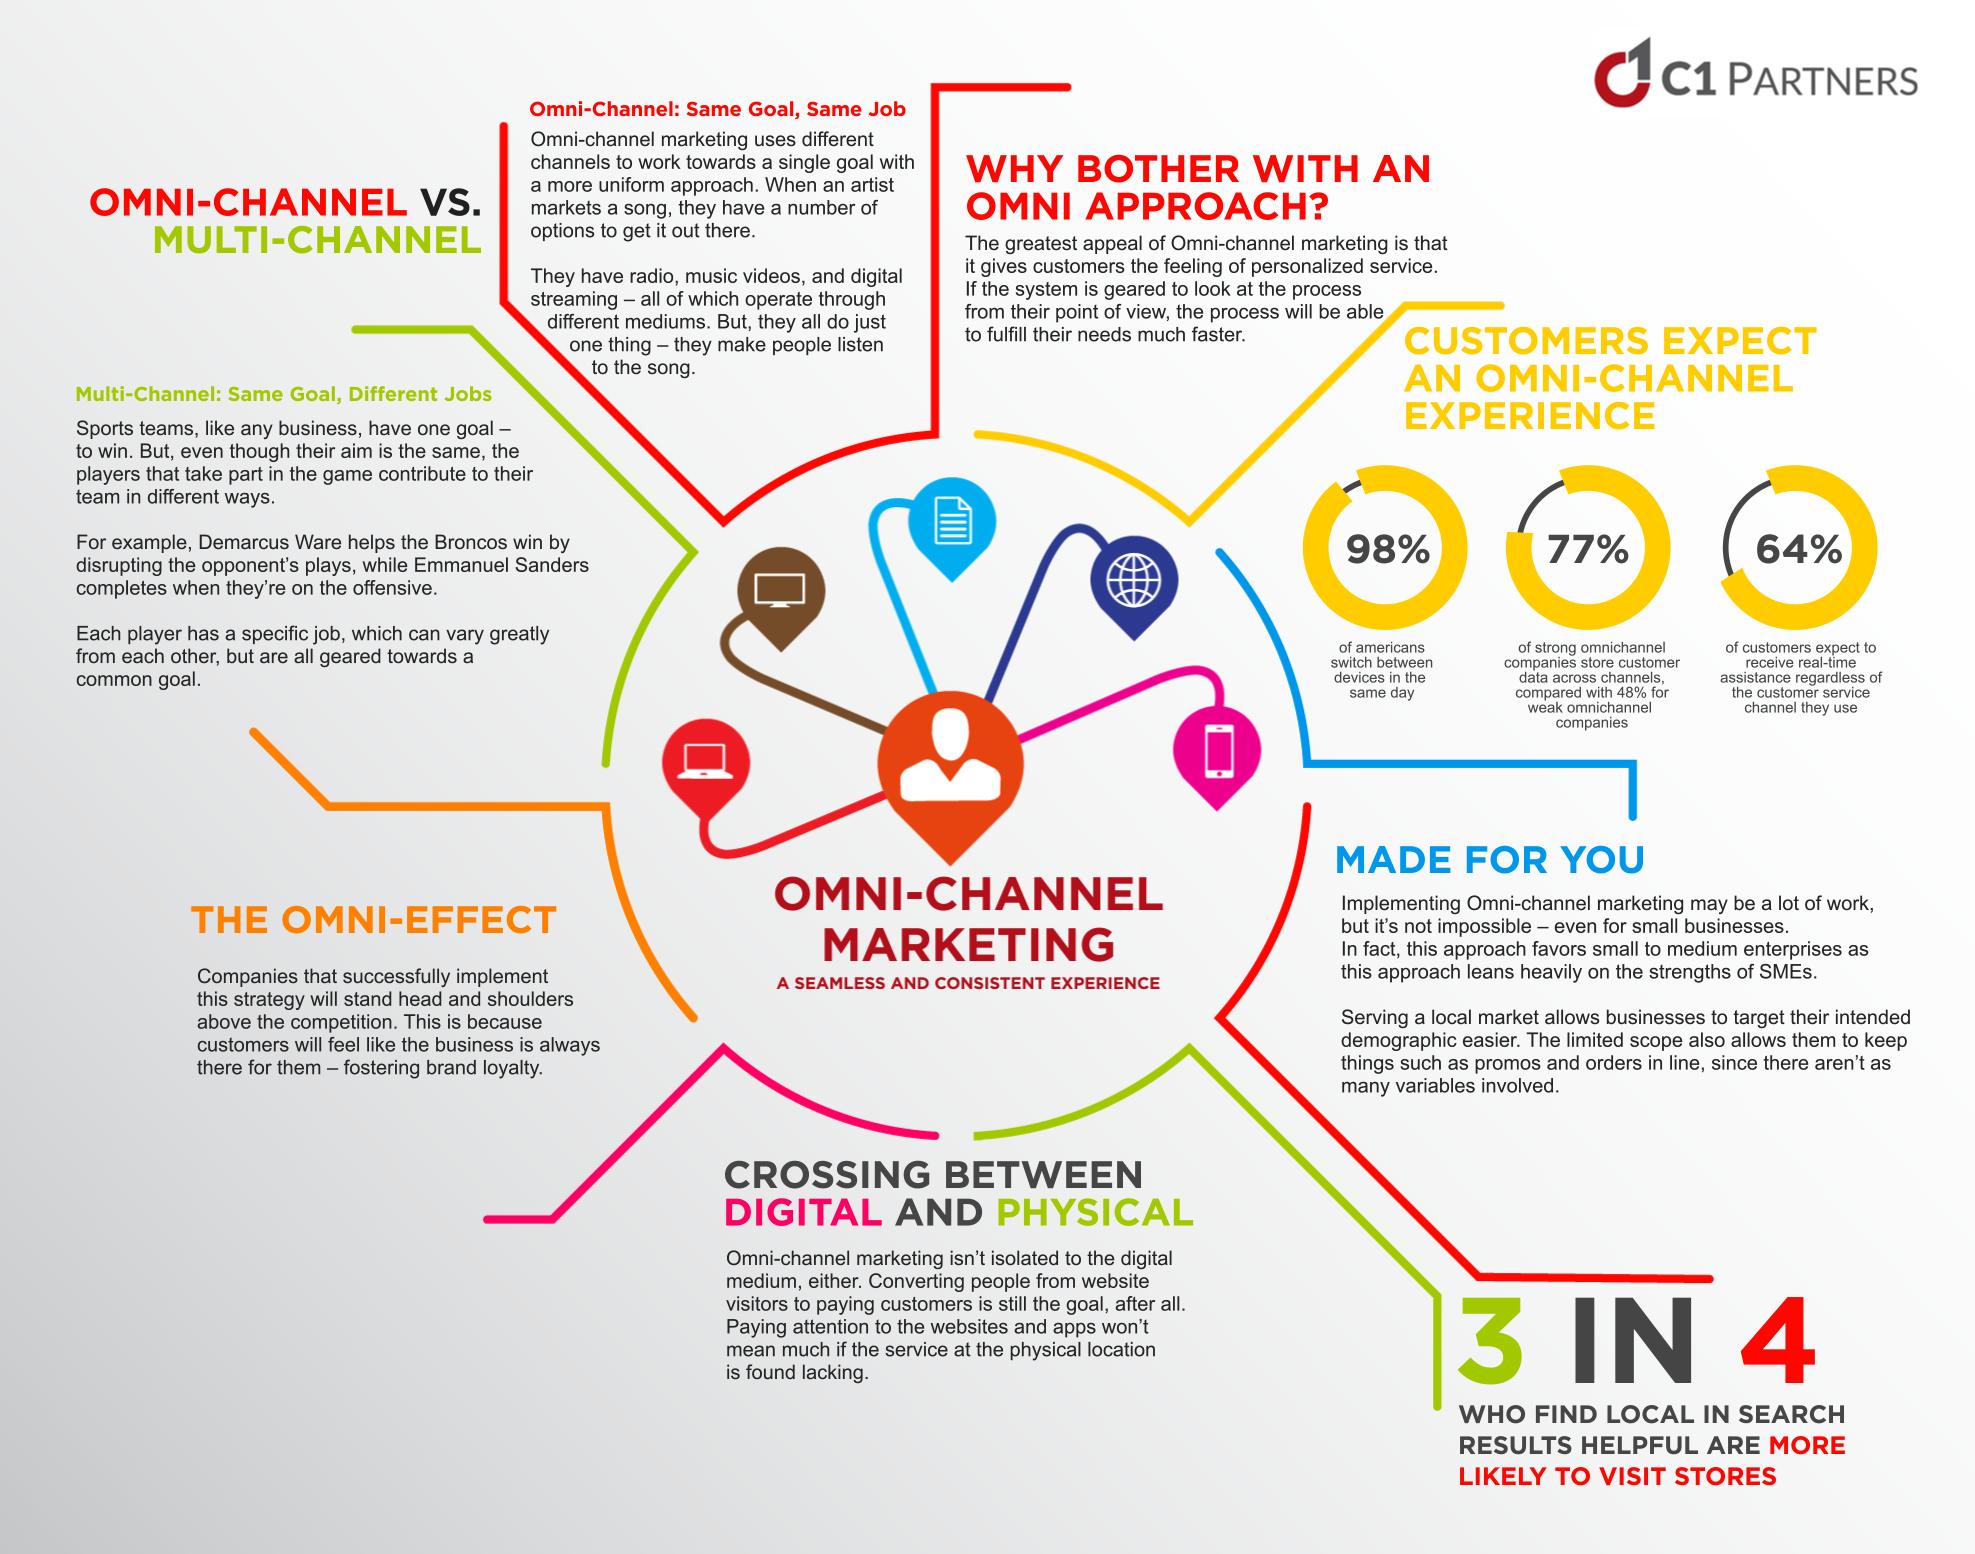 12 Трендов Цифрового Маркетинга преимущества